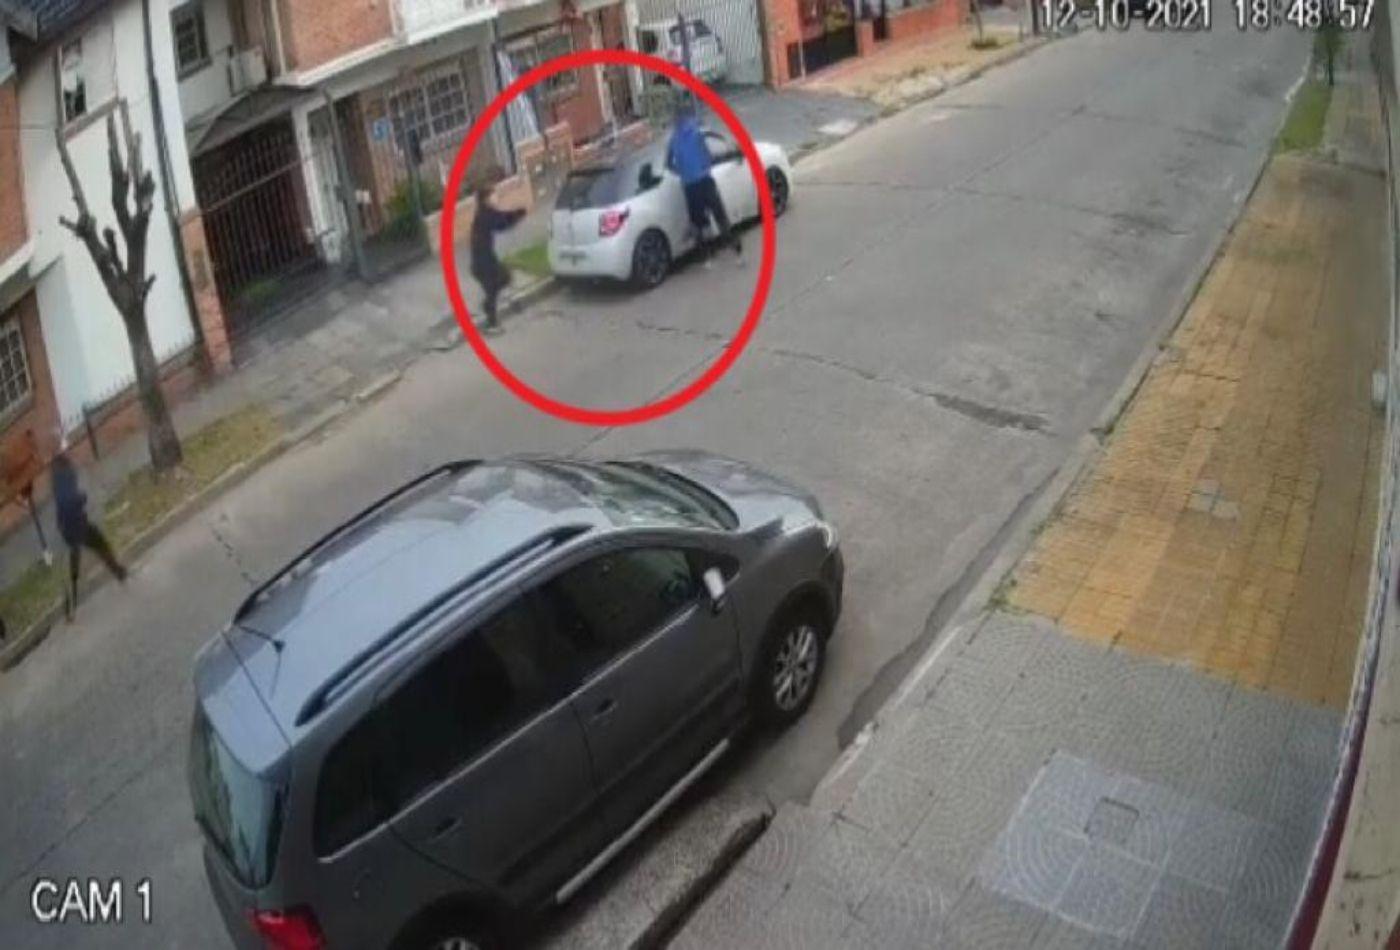 brutal crimen en lanus: asi fue el choque de la victima y la huida de los delincuentes